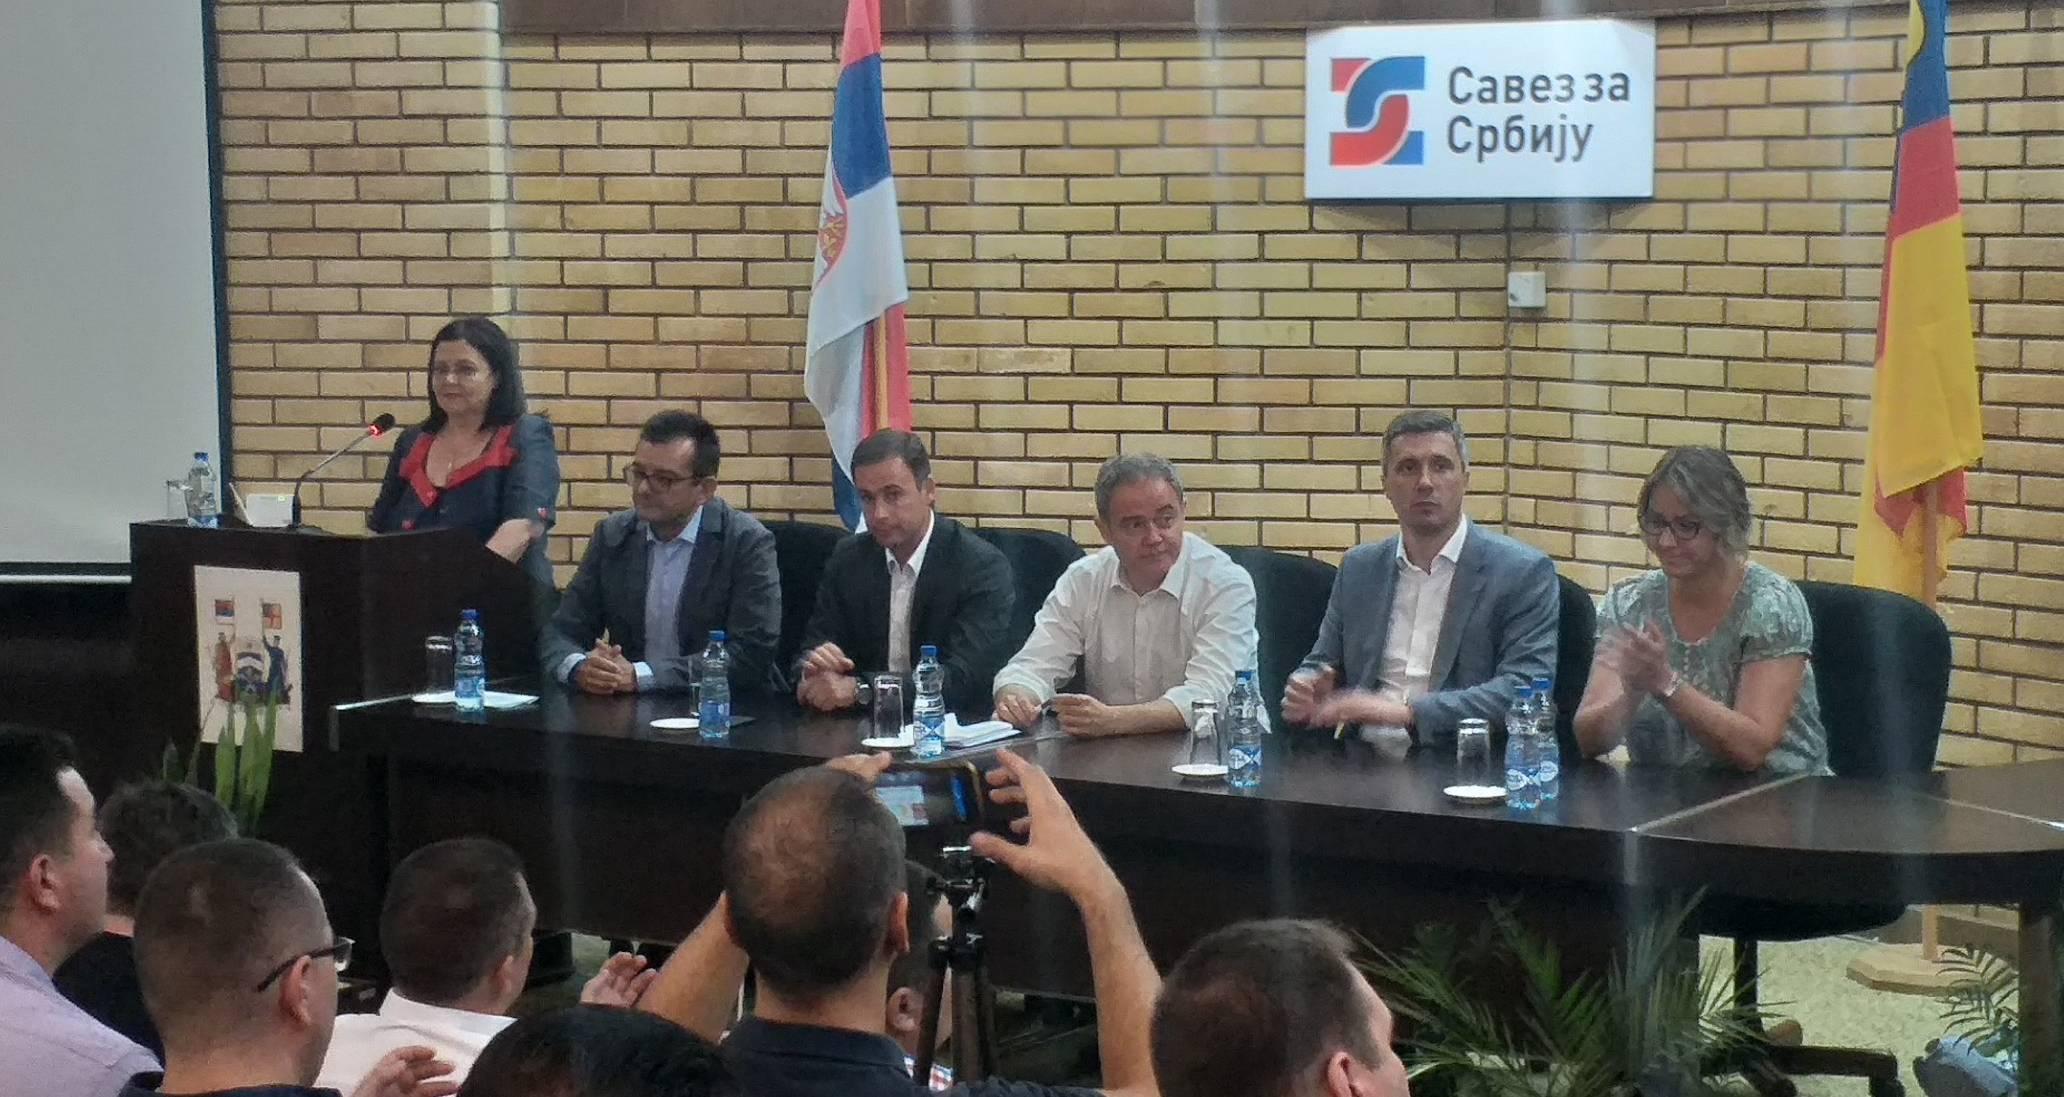 Савез за Србију у Врању: Зауставити депопулацију југа Србије